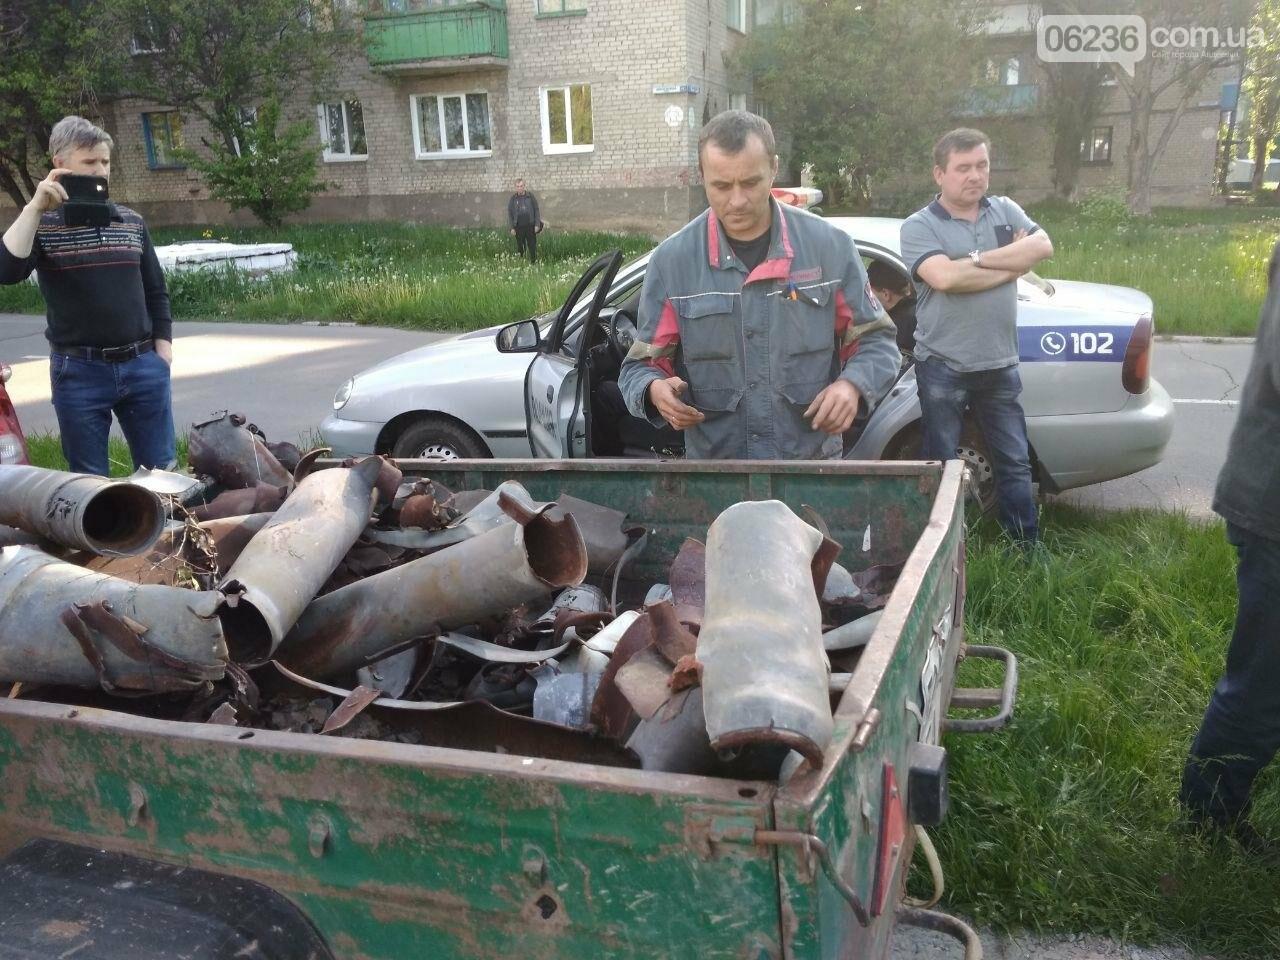 В Авдеевке полиция задержала активистов, разобравших памятник погибшим жителям (ФОТОФАКТ), фото-2